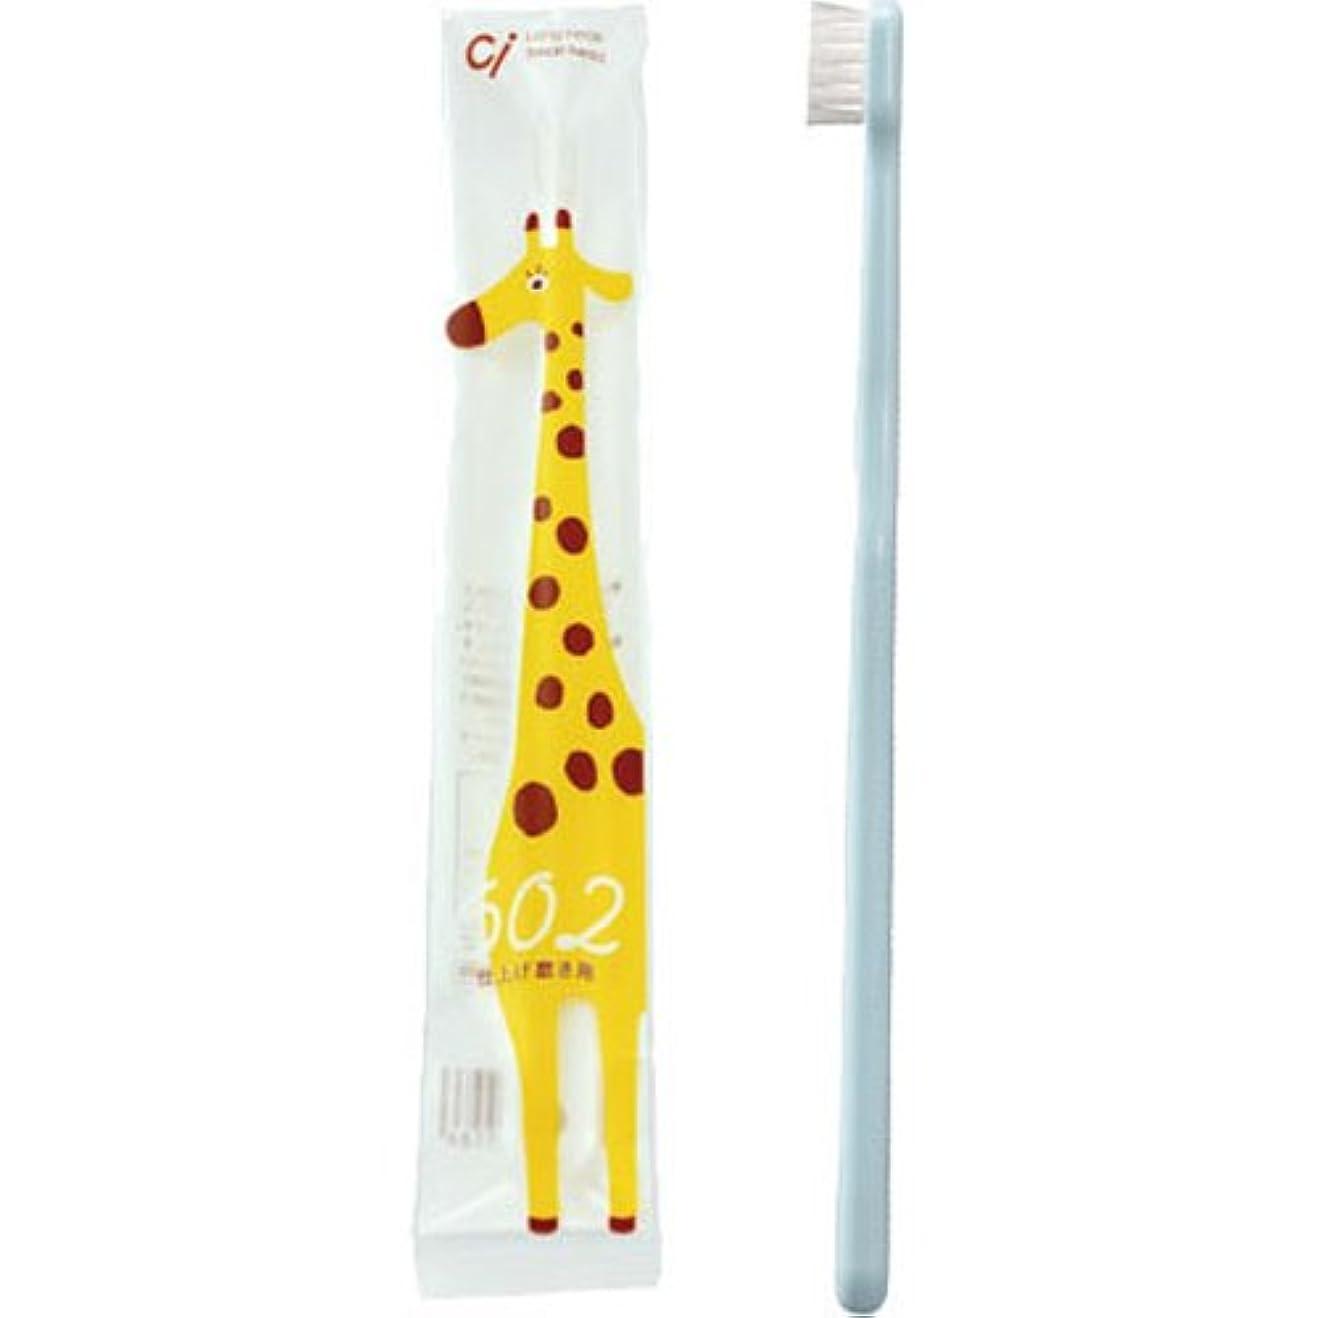 接ぎ木熟した登るCi(シーアイ) 歯ブラシ 仕上げ磨き用 #602 1本入